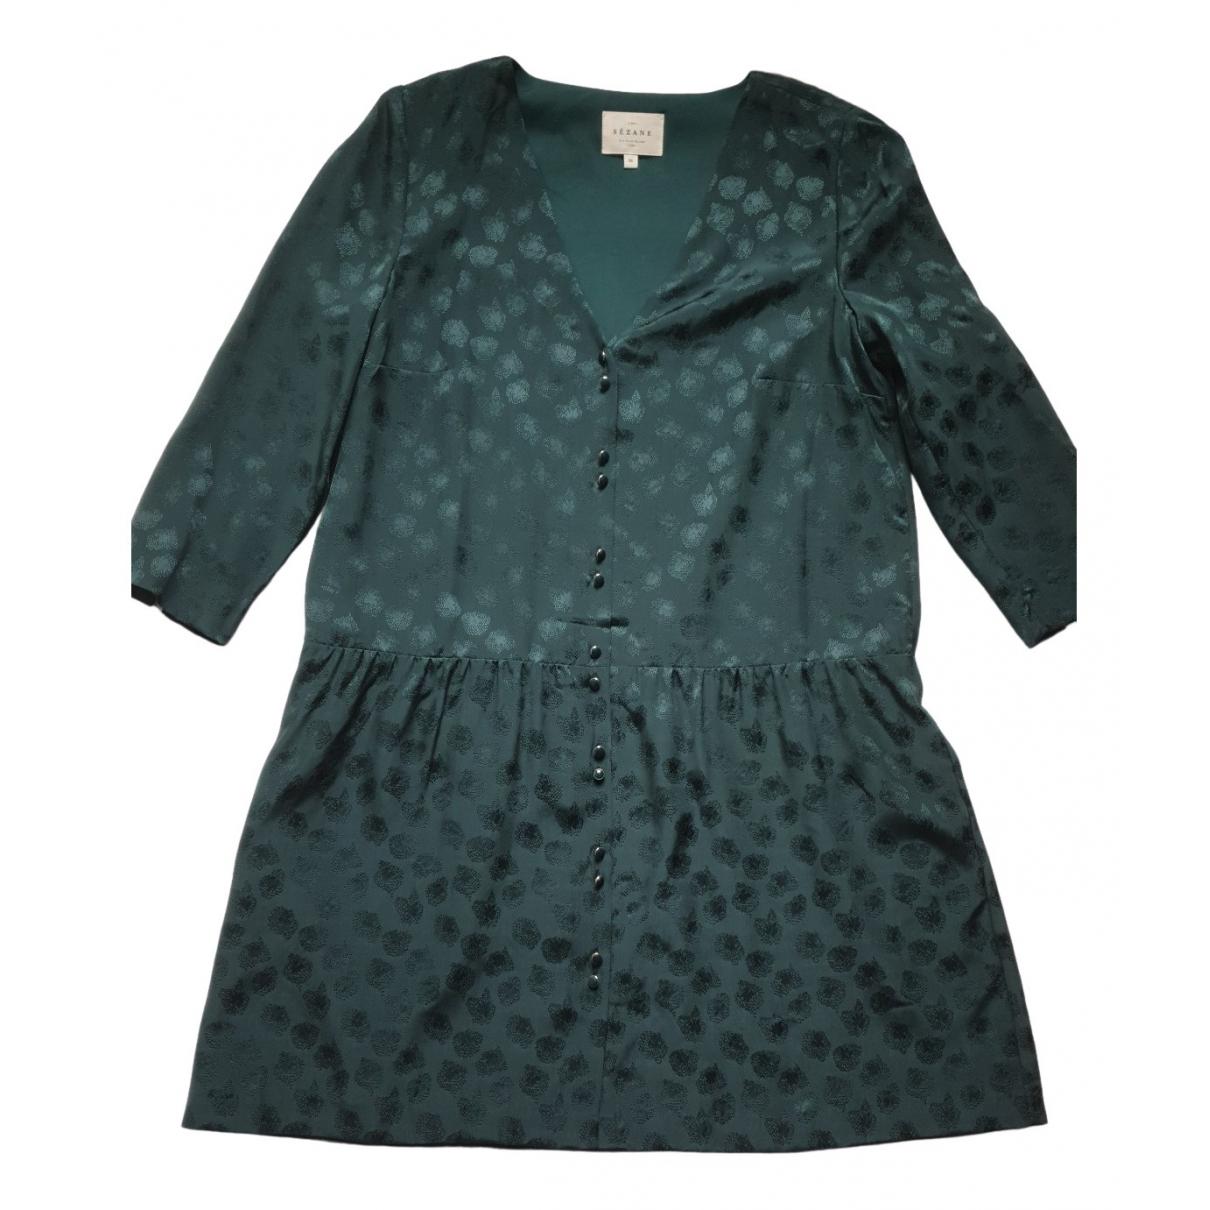 Sezane - Robe Spring Summer 2019 pour femme en soie - vert